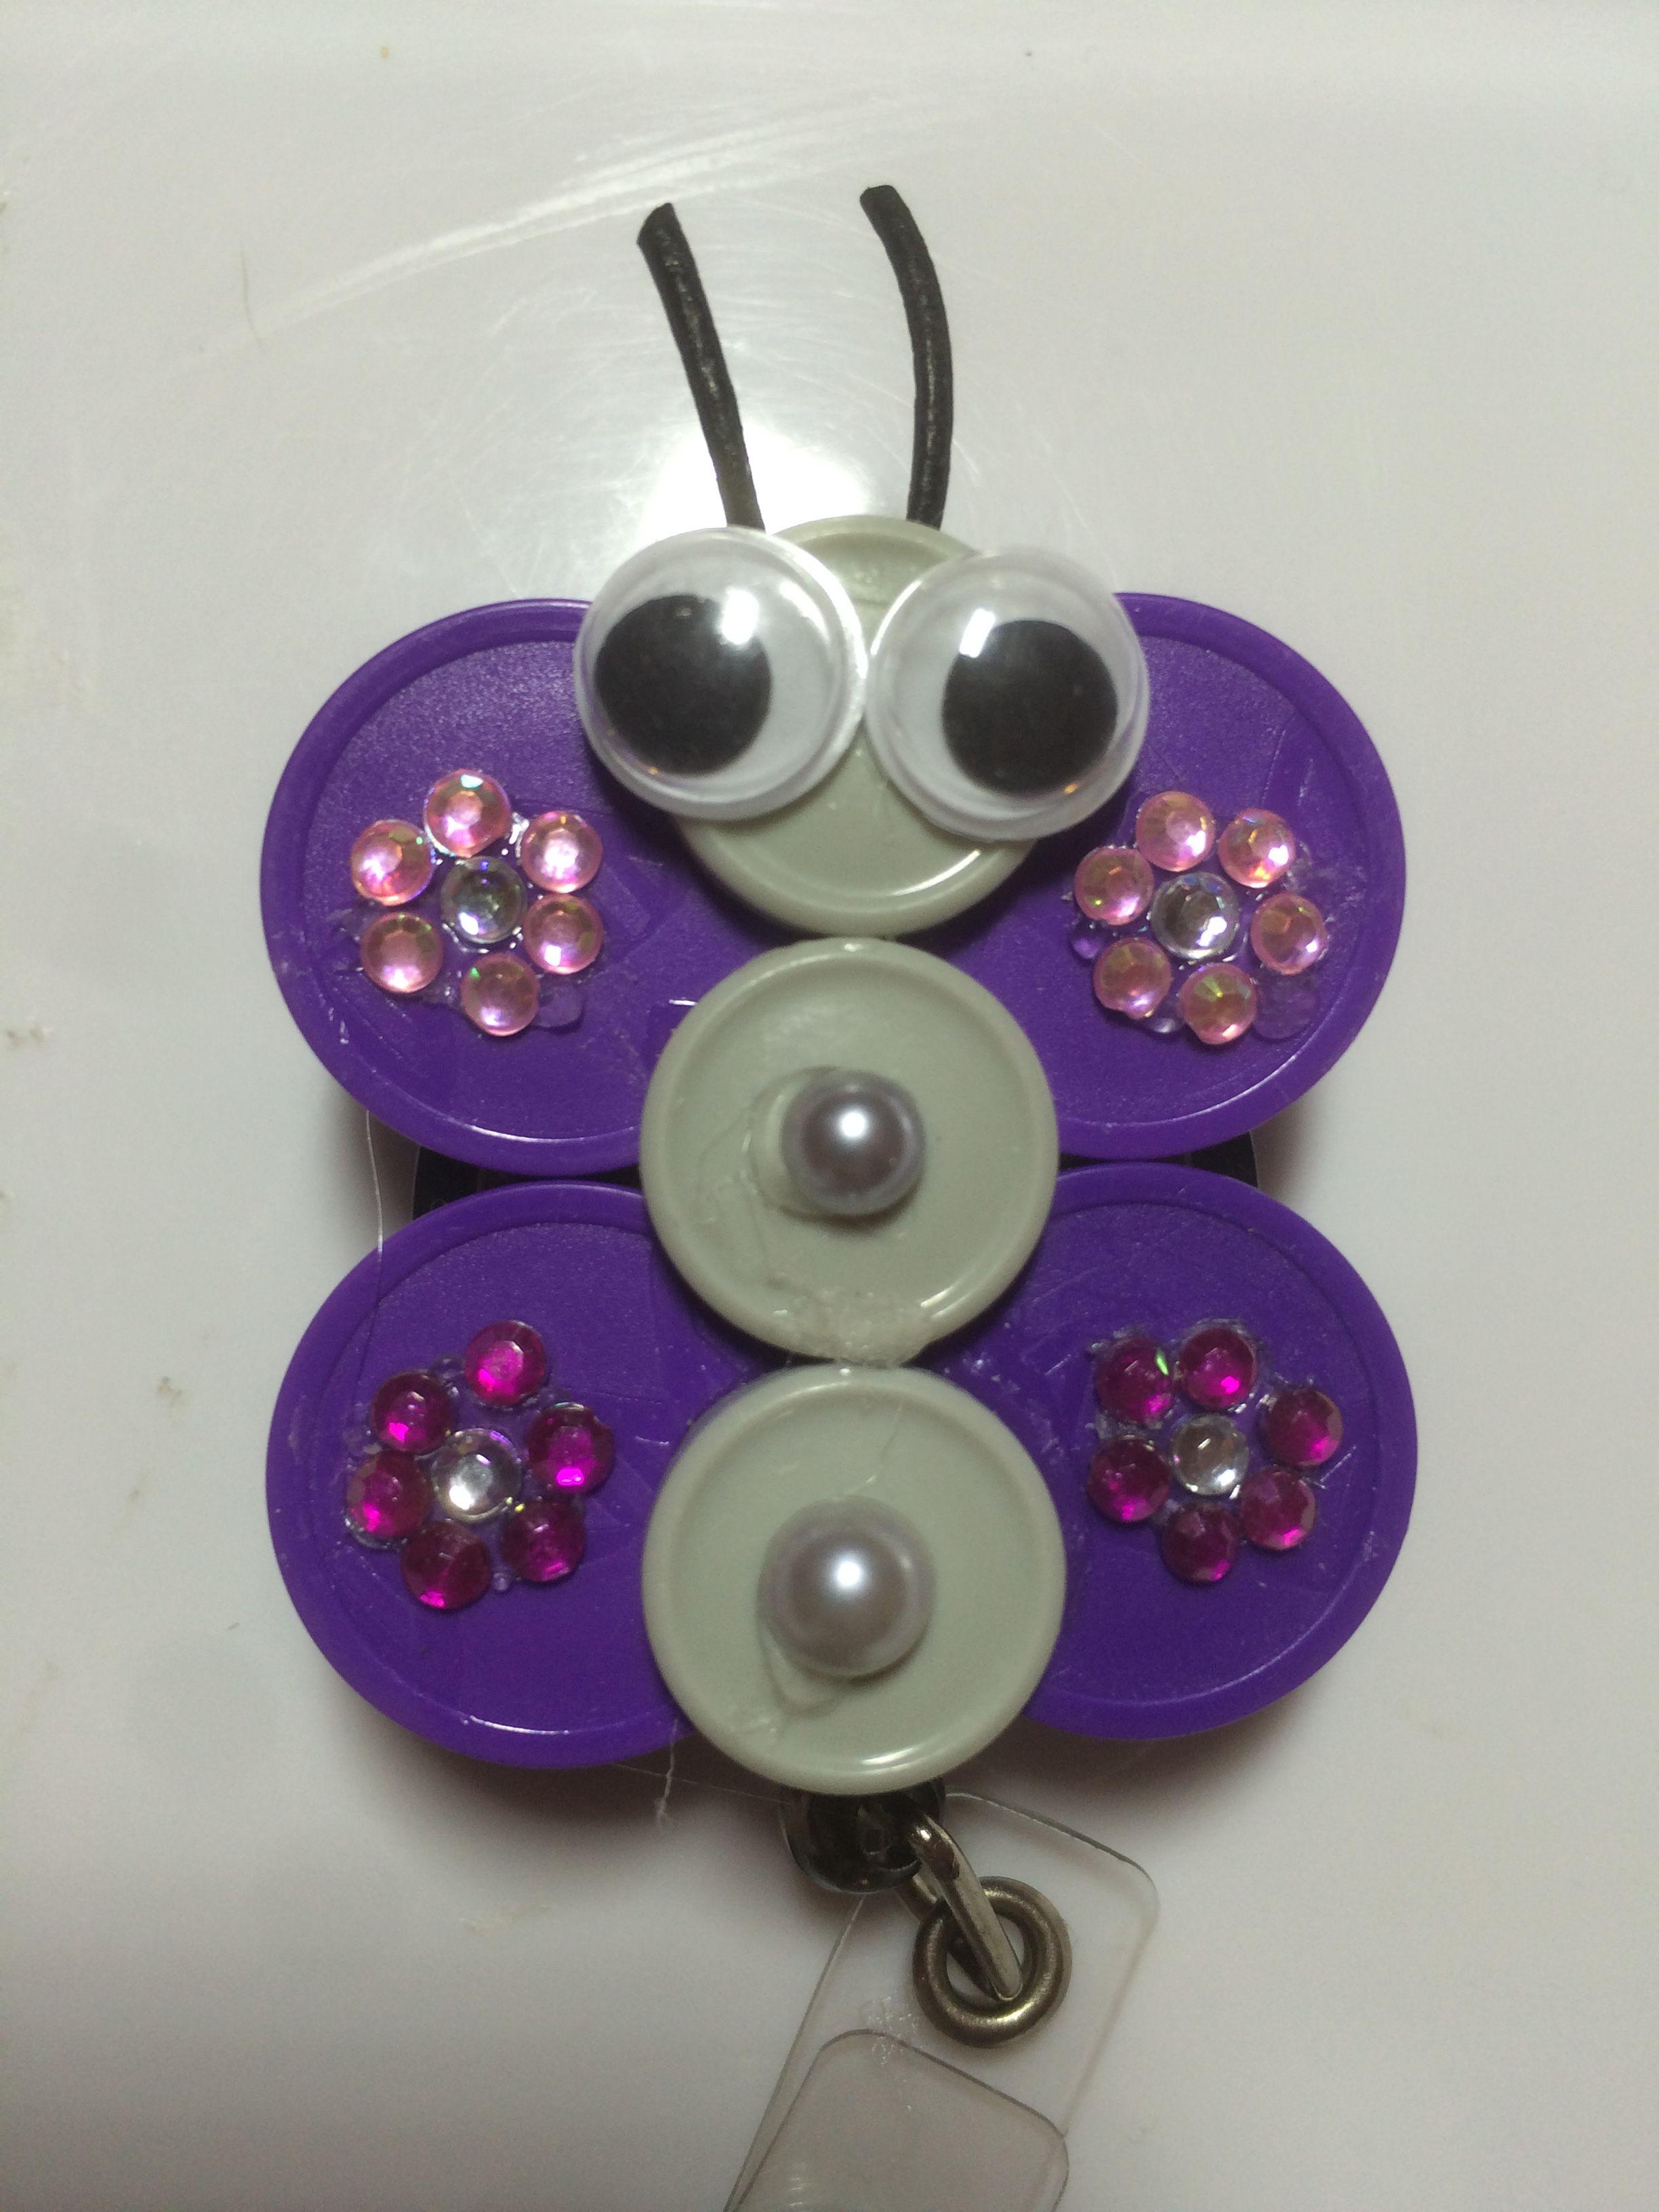 Badge holders diy by linda hernandez on diy and crafts